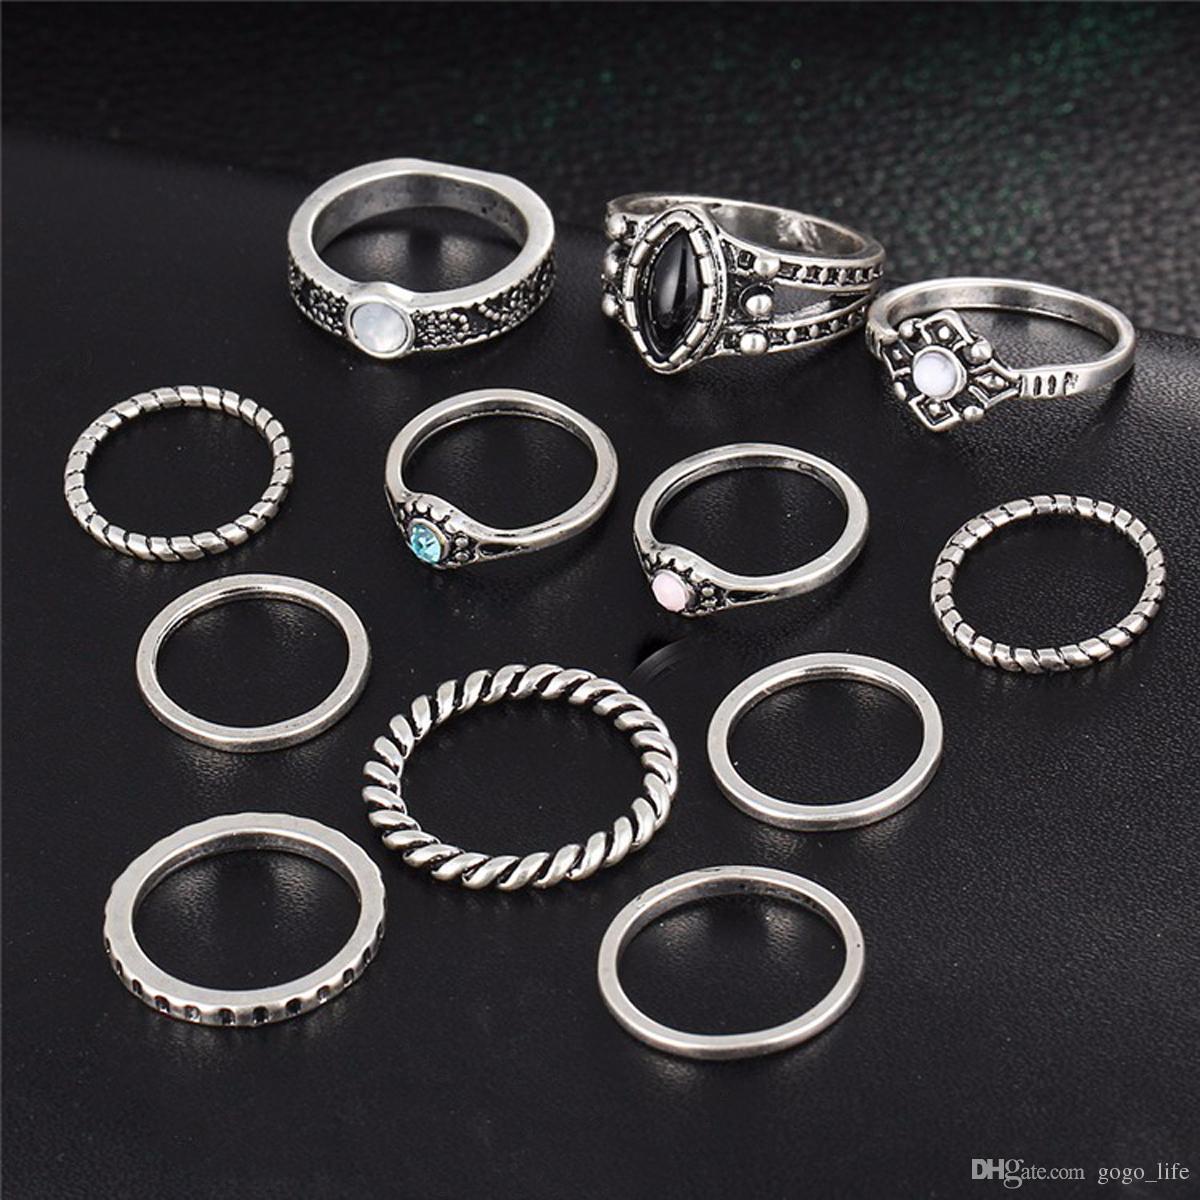 12 teile / sätze Mode Vintage Silber Punk Midi Ringe Set Antike Gold Farbe Boho Stil Weibliche Charms Schmuck Ring Für Frauen